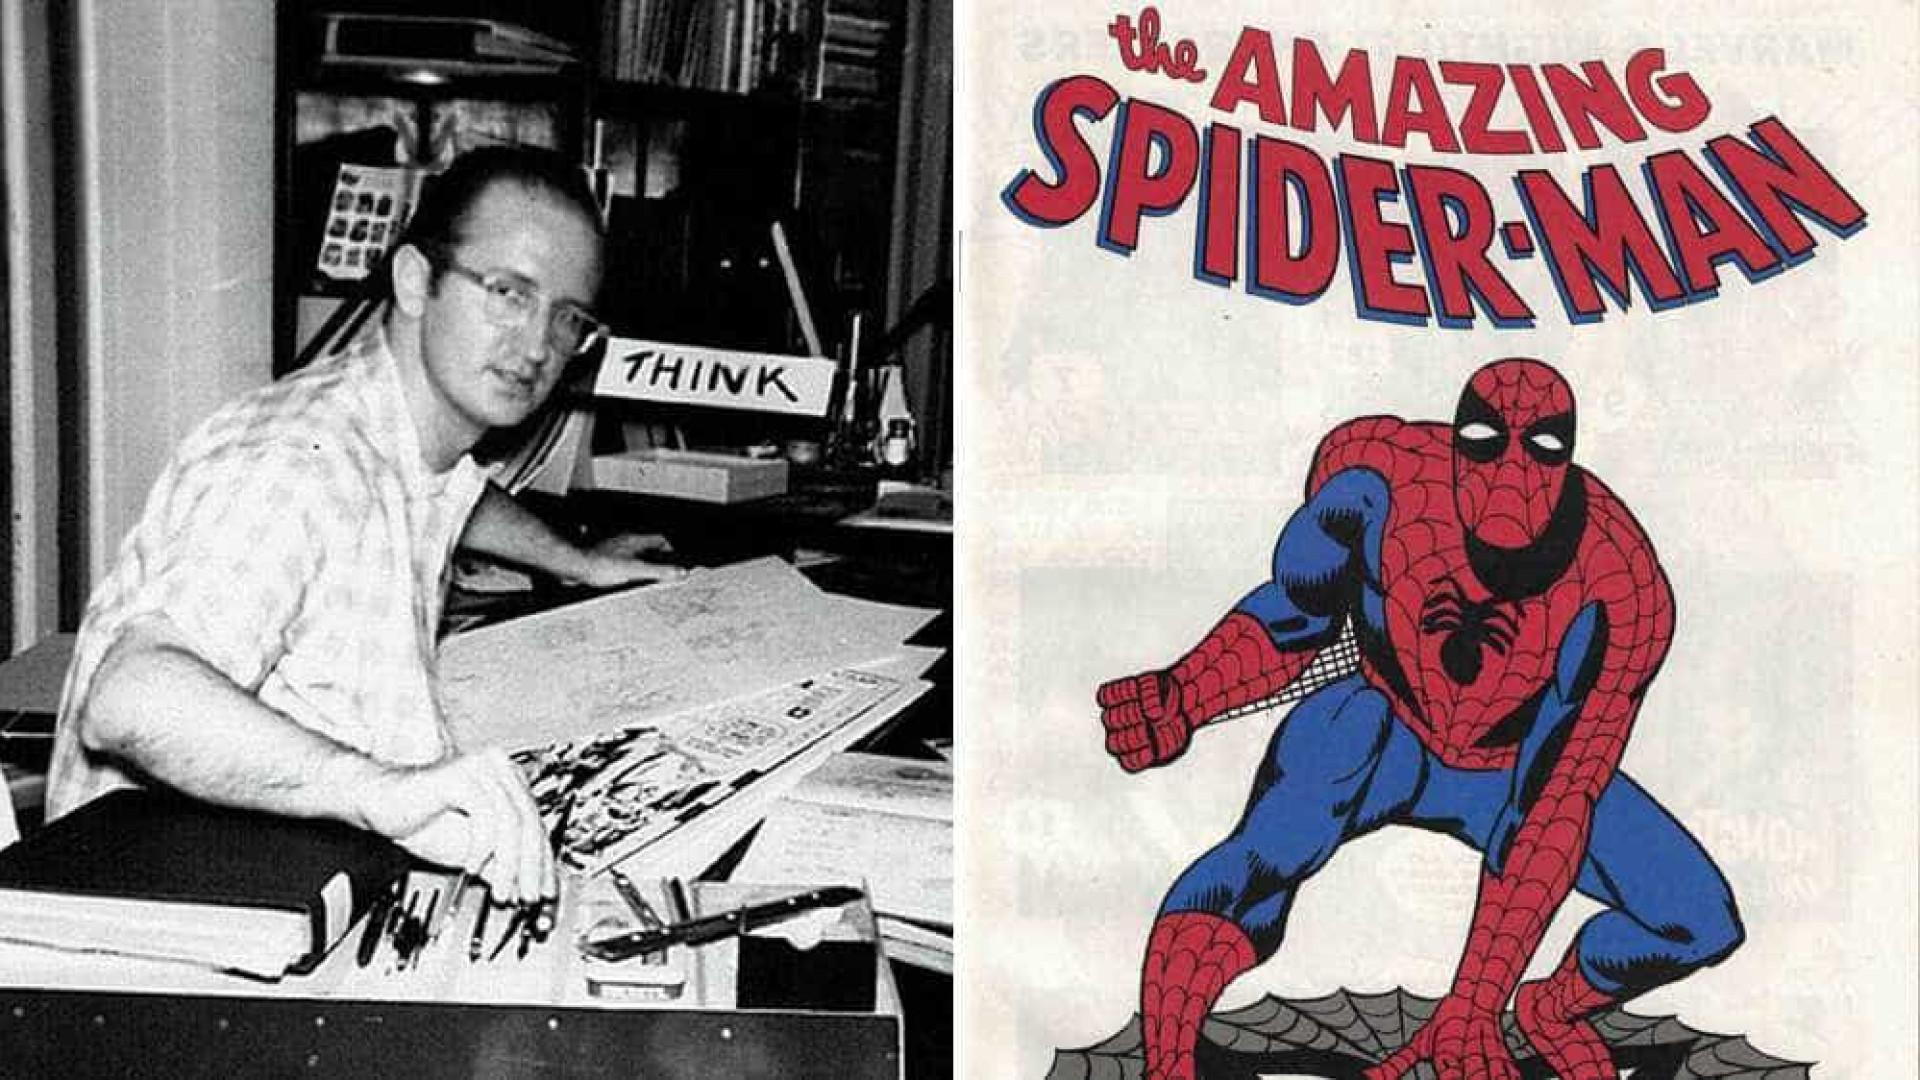 Morre Steve Ditko, cocriador do Homem-Aranha e Doutor Estranho